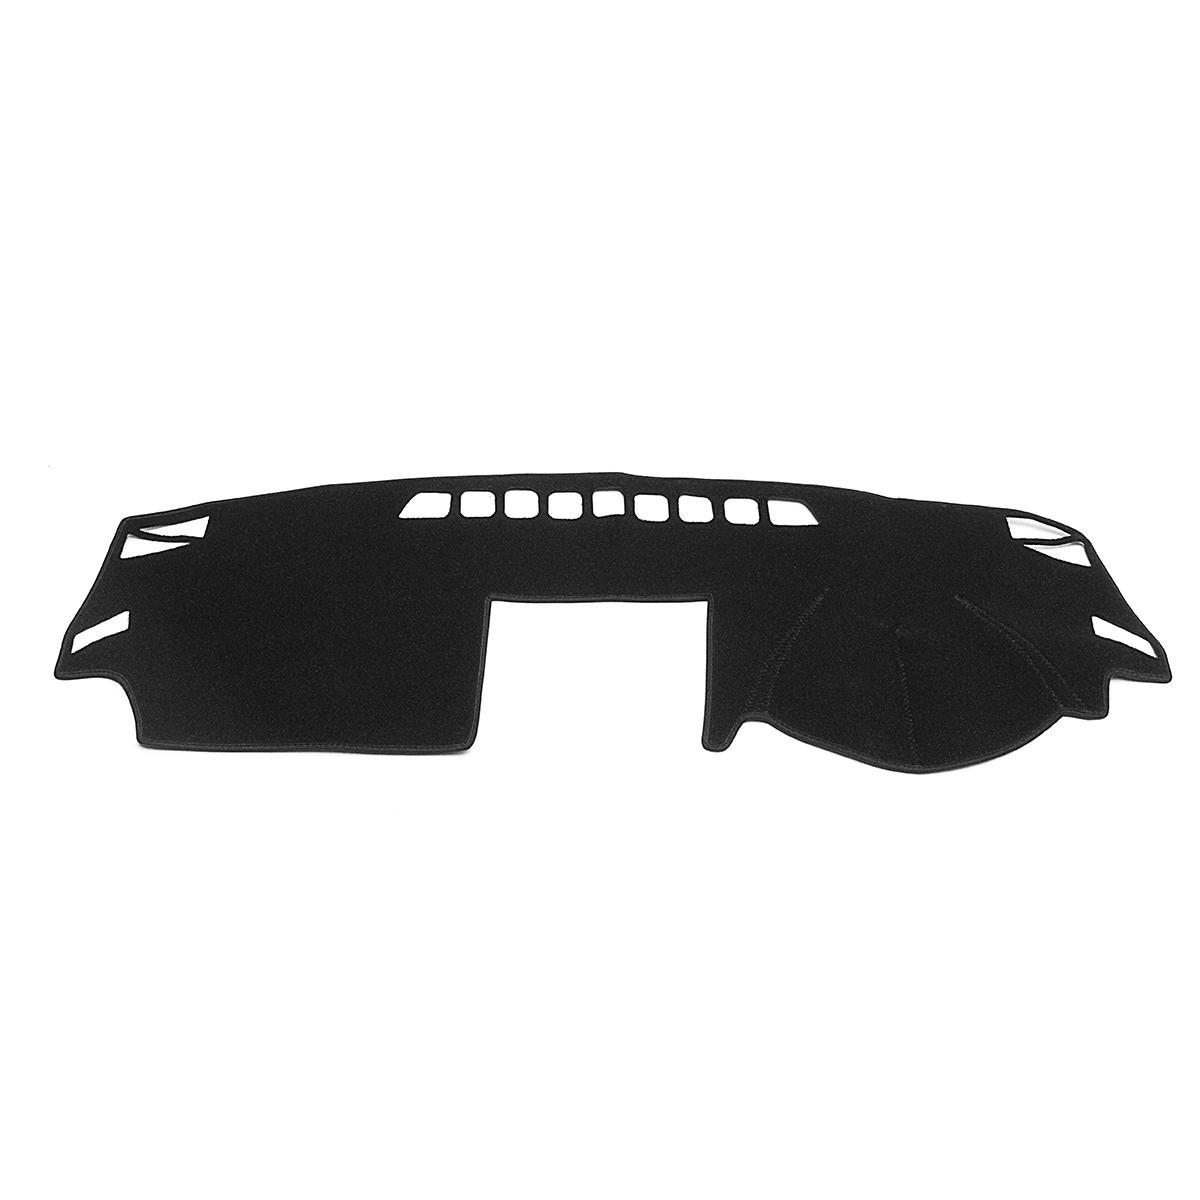 डैशबोर्ड कवर डैश मैट बोर्ड कालीन 07-13 निसान डुअलिस J10 के लिए